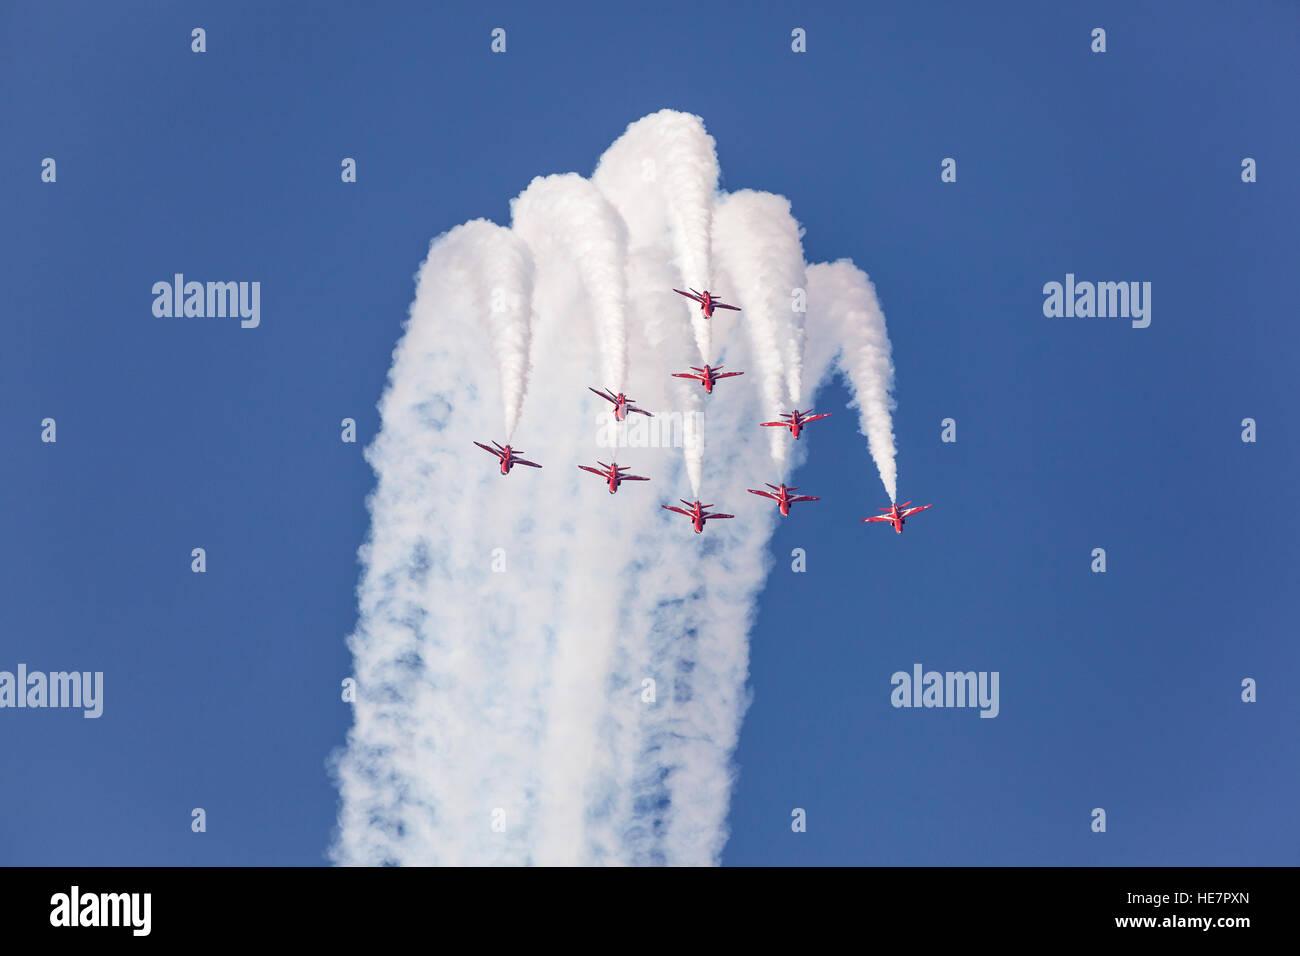 Equipo acrobático de la Royal Air Force flechas rojas en Abu Dhabi Imagen De Stock